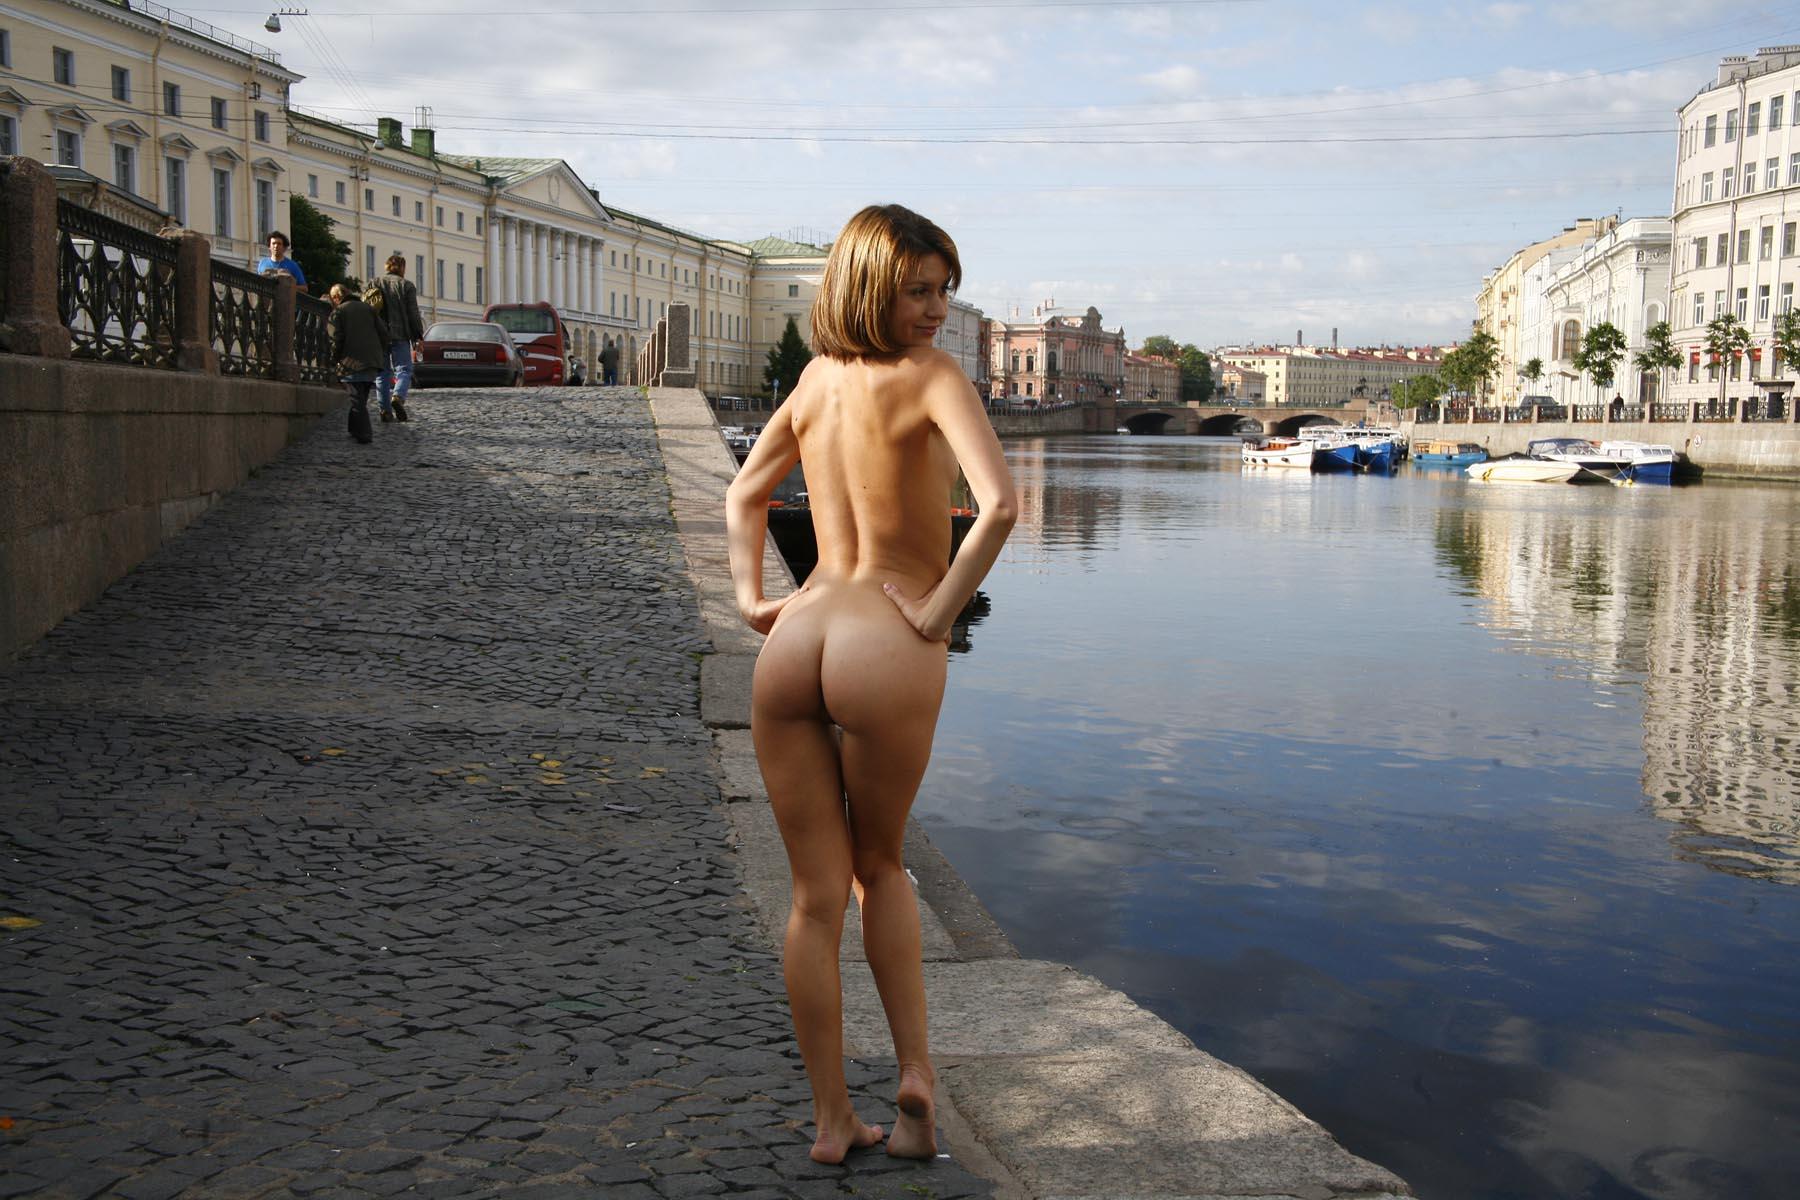 Эксгибиционист показывает член девушке на улице 4 фотография